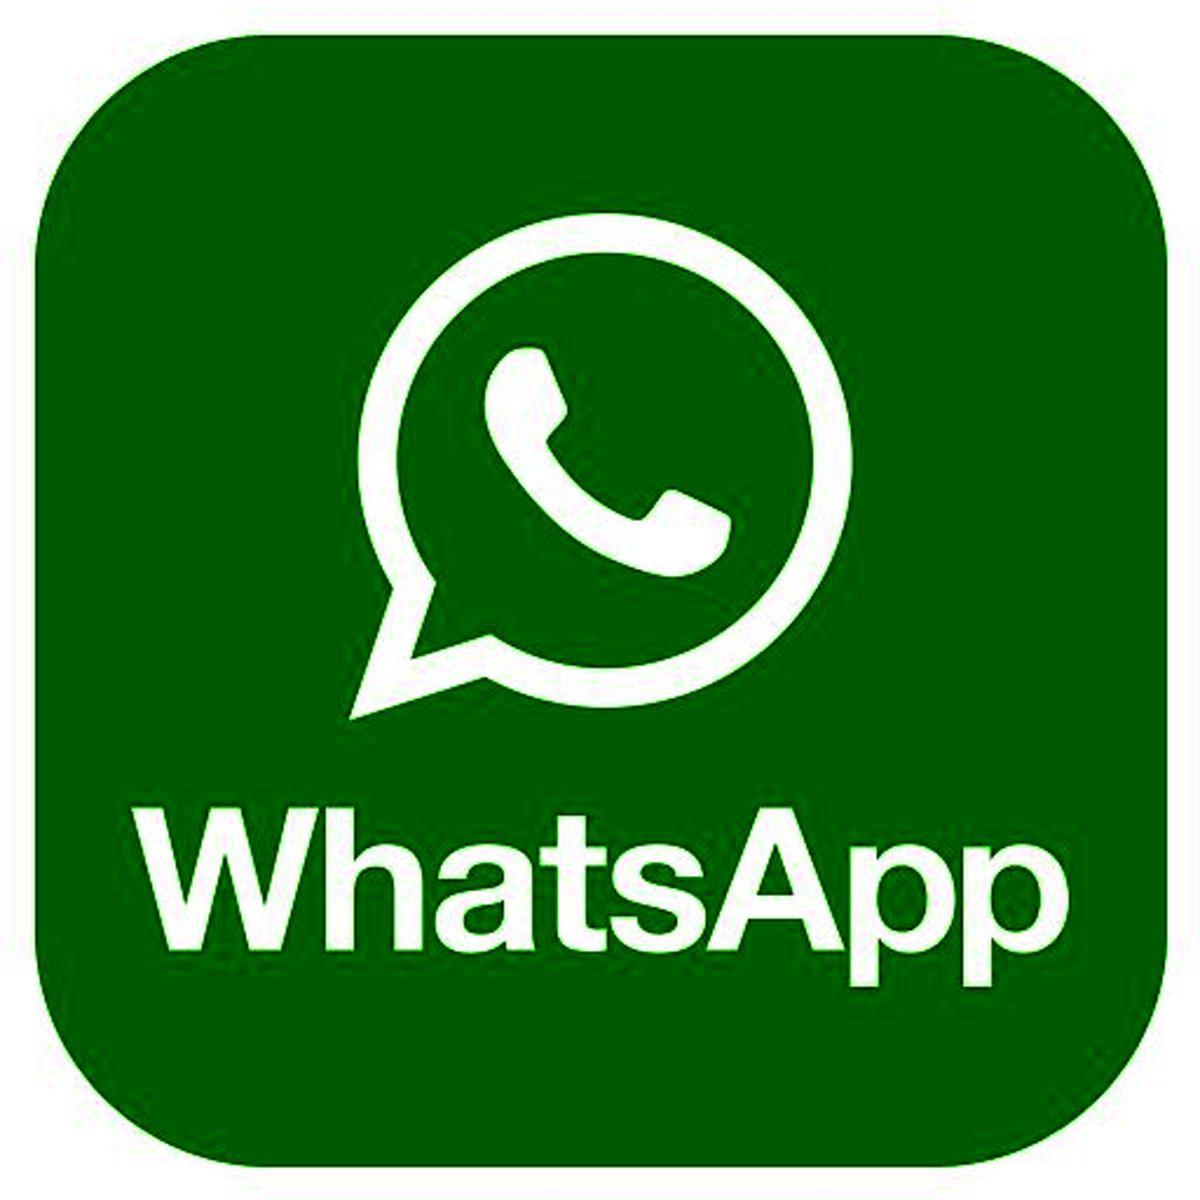 تنظیمات جدید واتساپ برای جلوگیری از عضویت ناخواسته در گروهها